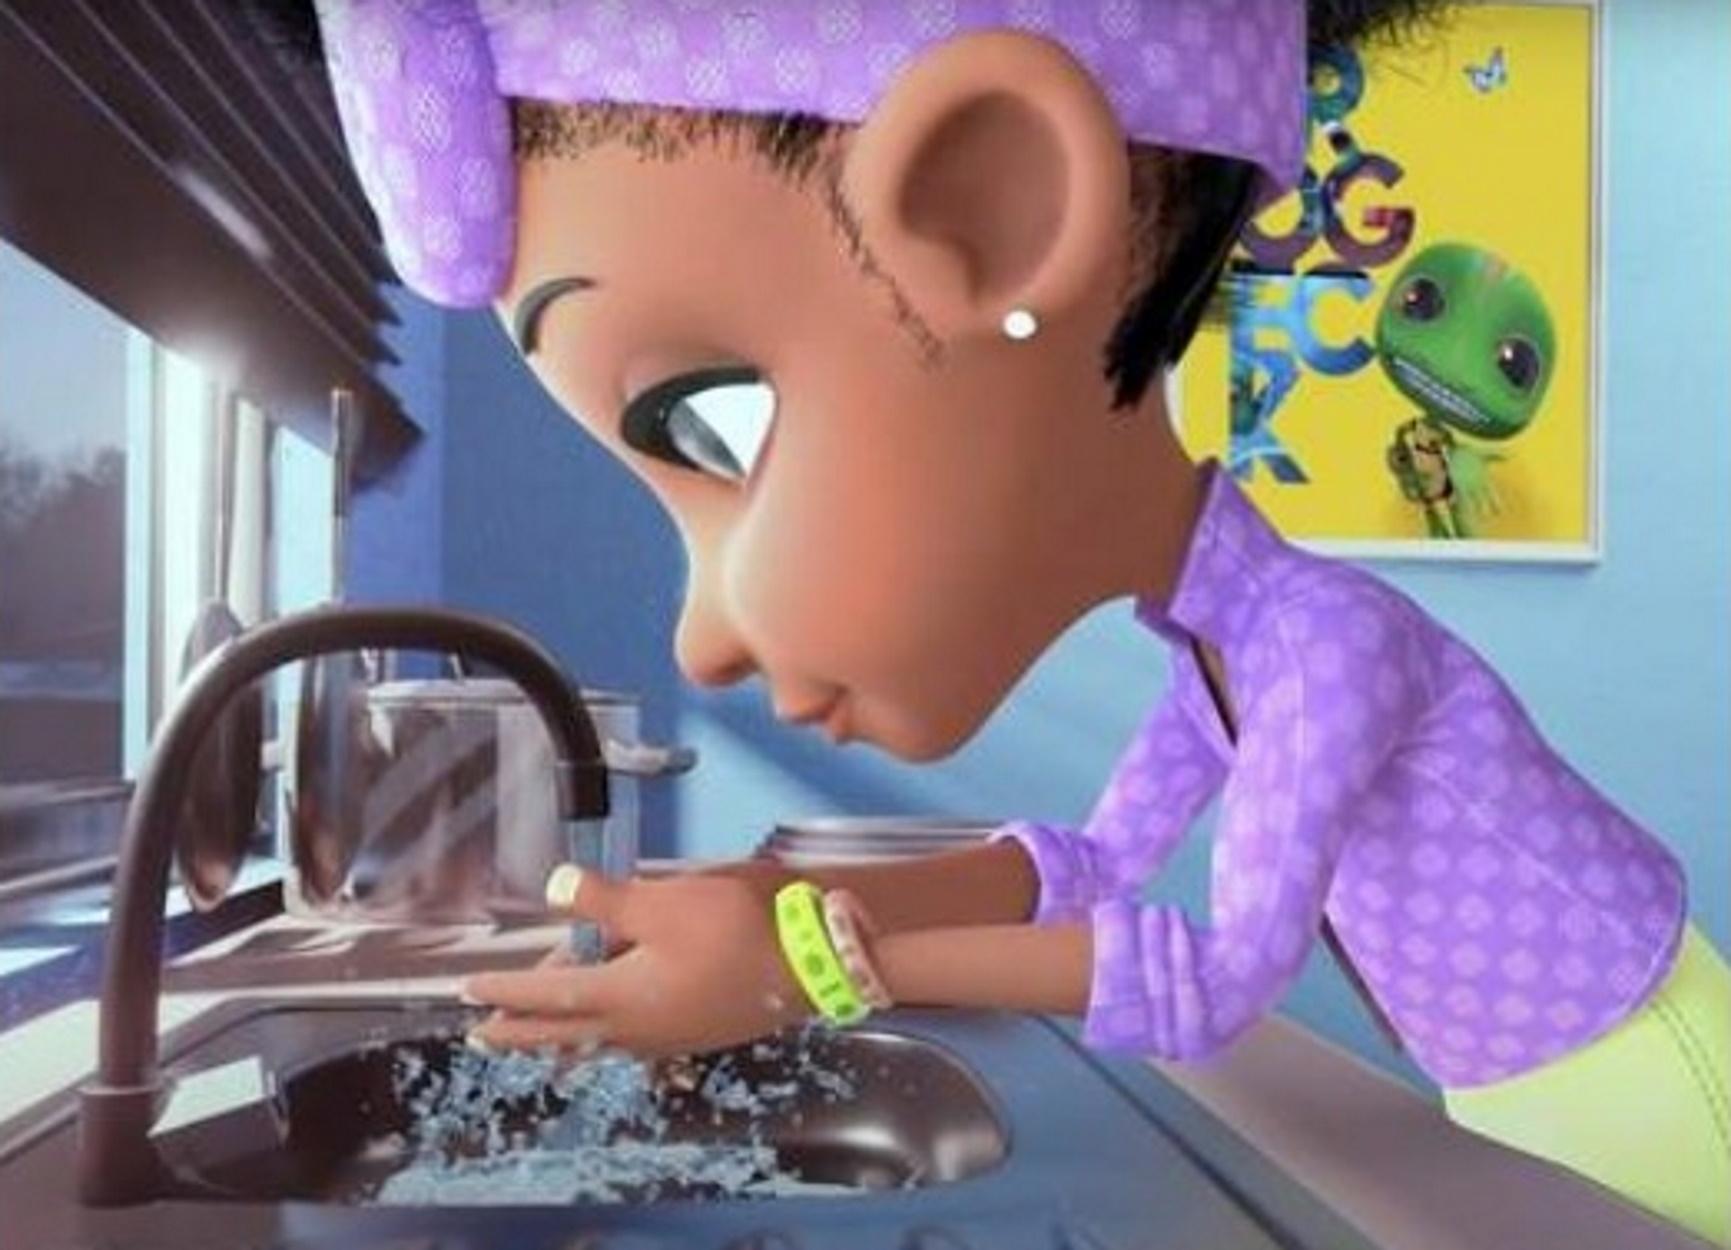 """Κορονοϊός – Νιγηρία: """"Τέρας"""" κινούμενο σχέδιο διδάσκει τα παιδιά τους κινδύνους (pic, video)"""